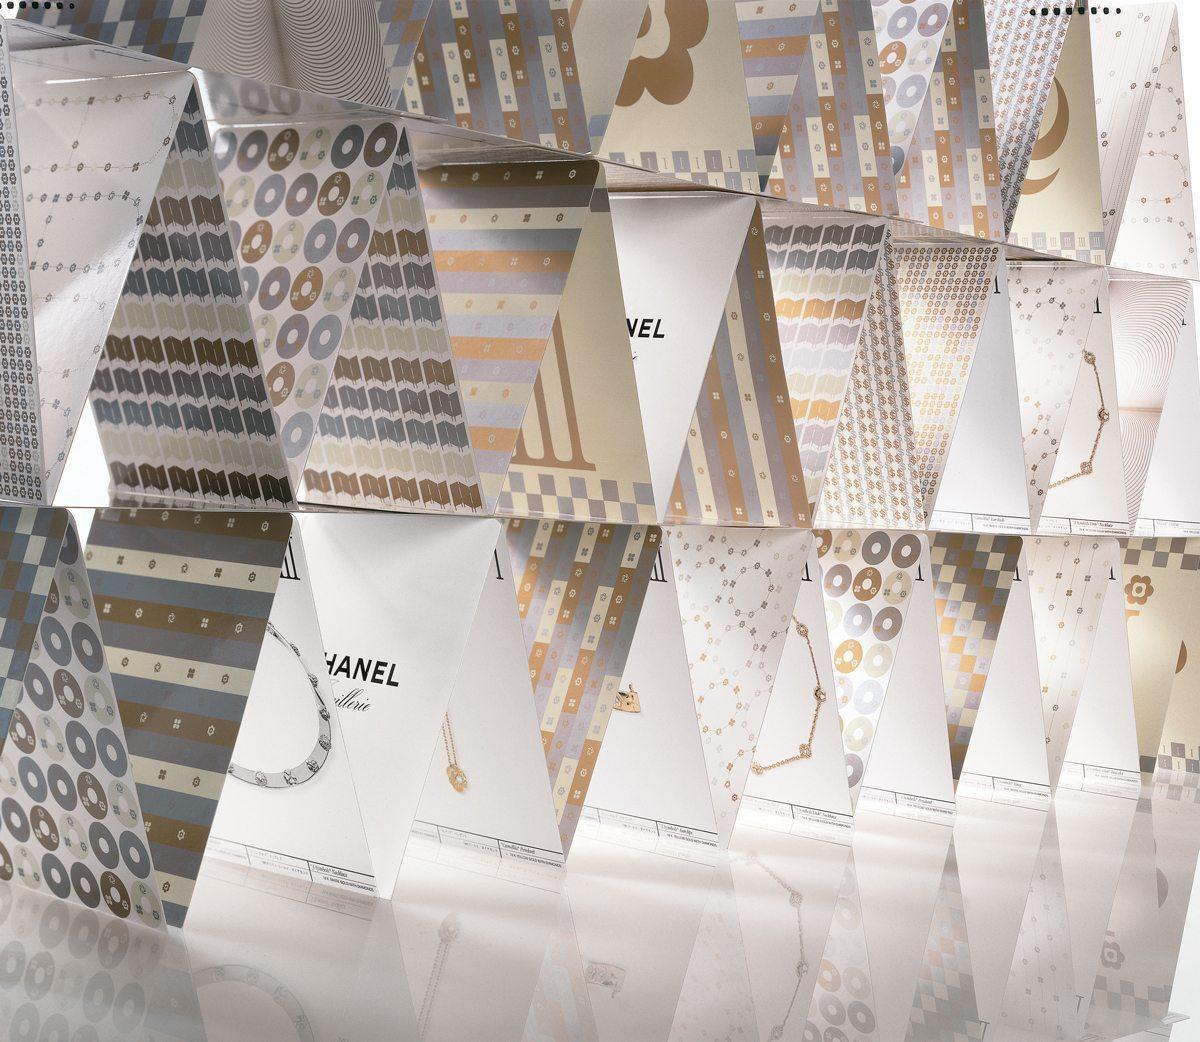 Ich&Kar construit un immense chateau avec le dossier de presse dessiné pour Chanel, la célèbre marque de Luxe française